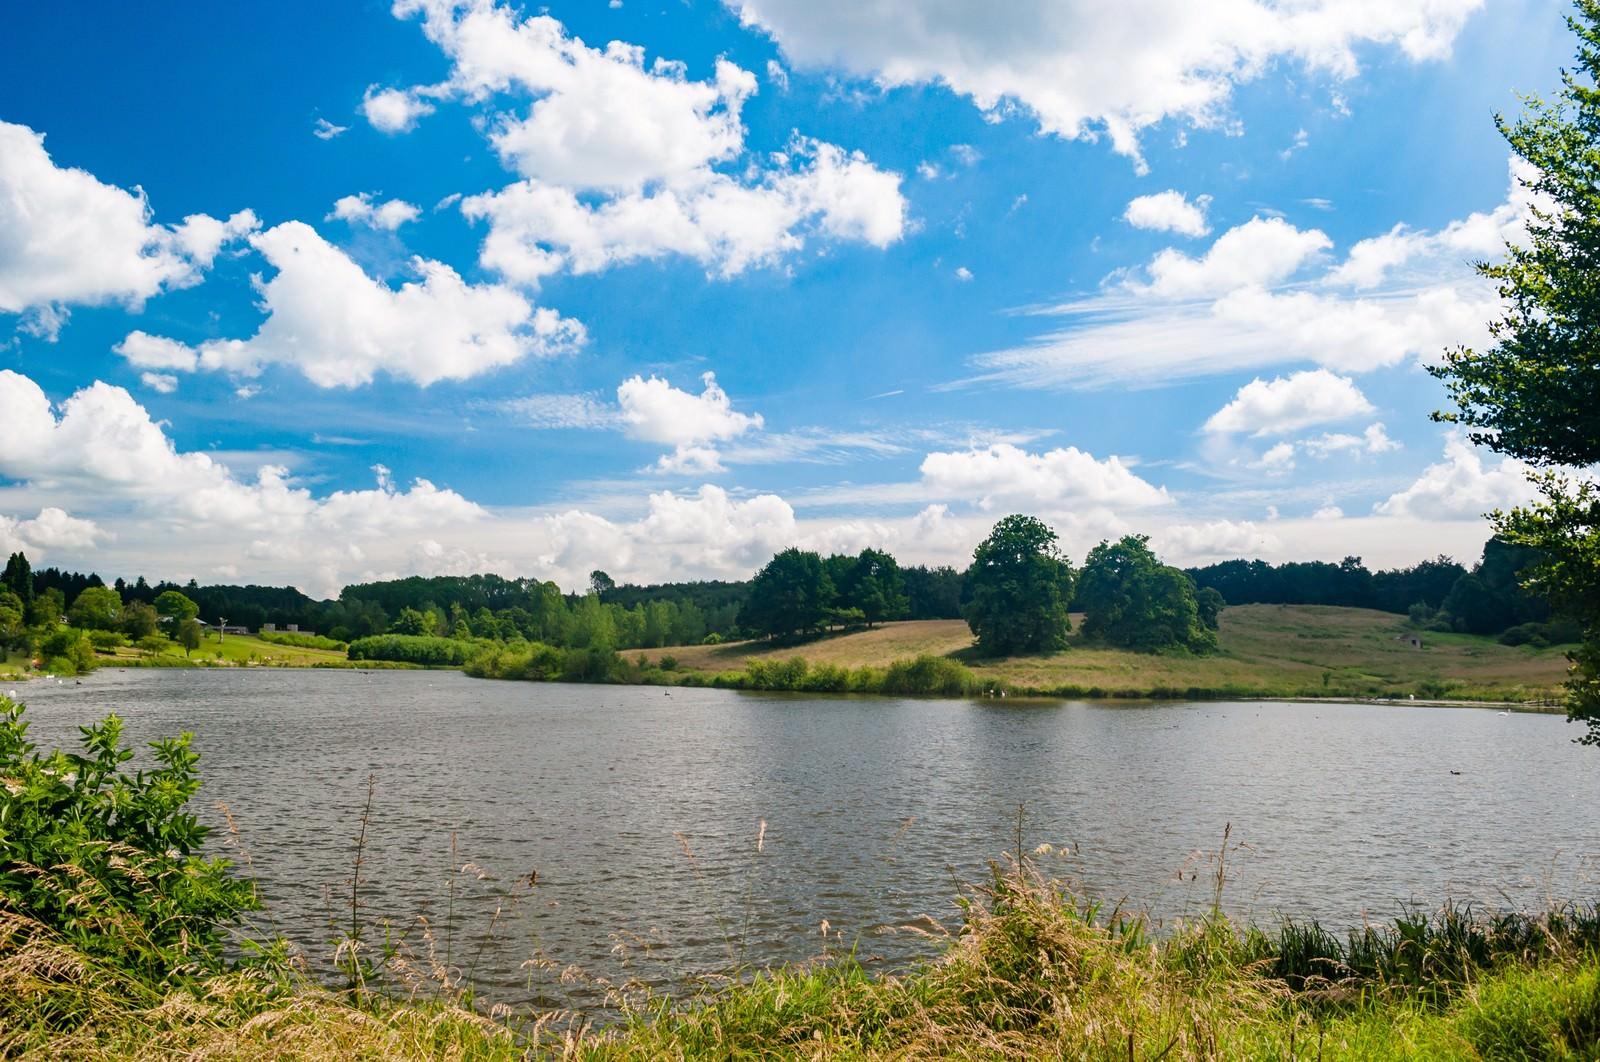 「水辺の自然公園水辺の自然公園」のフリー写真素材を拡大